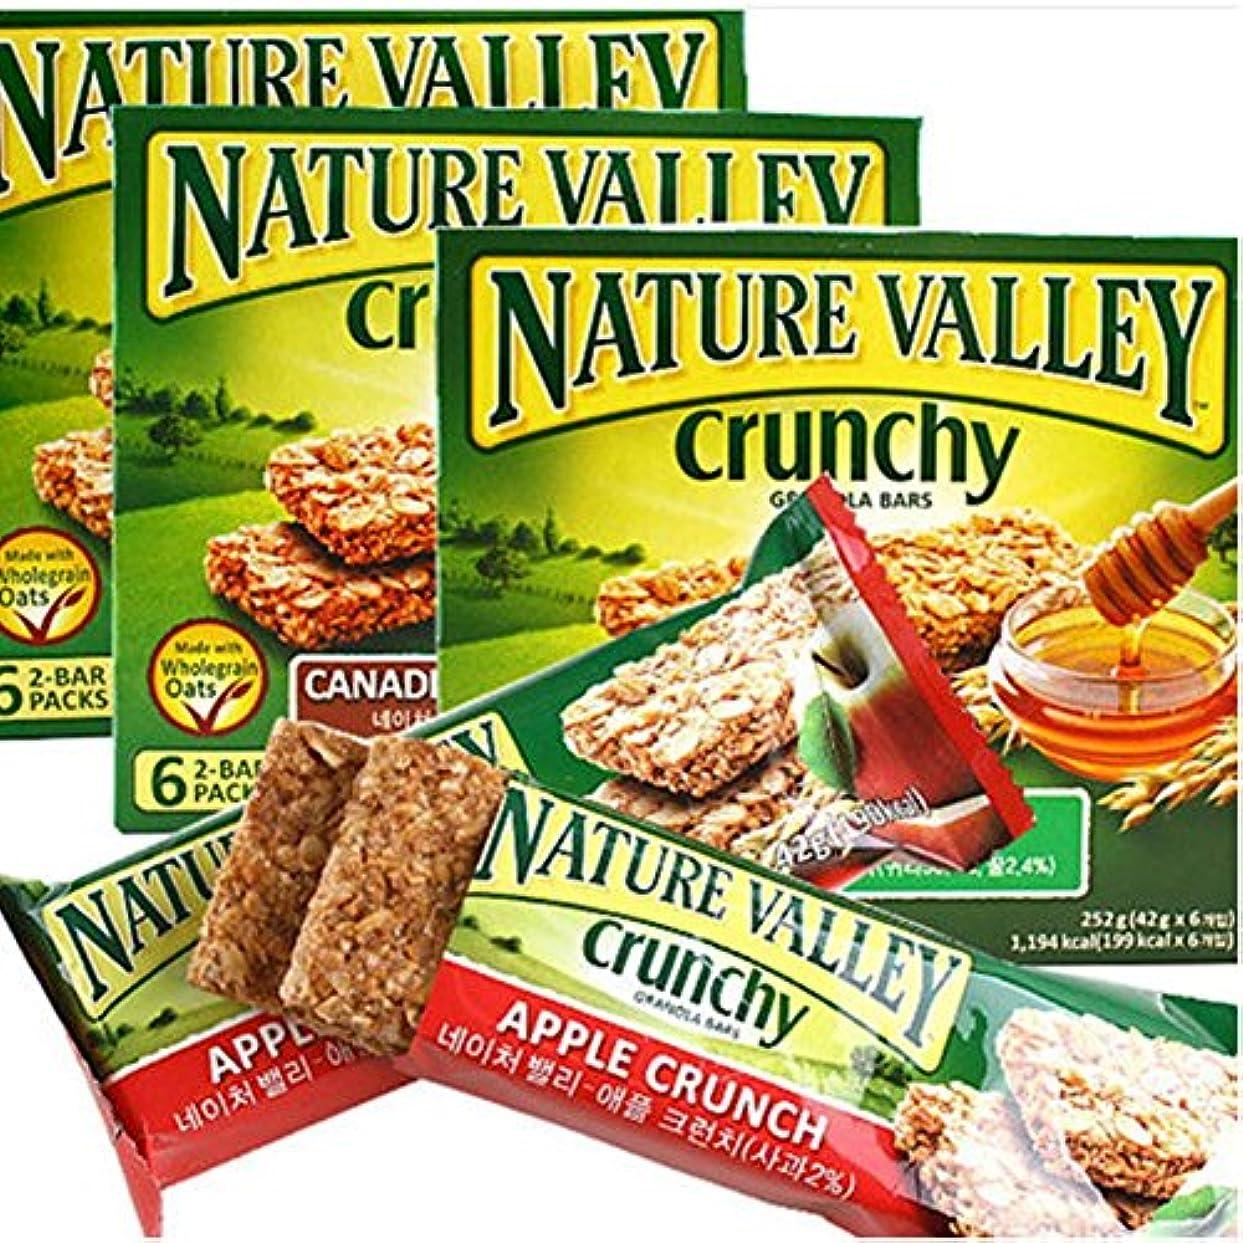 侵入お危険にさらされている[ネイチャーバレー/Nature Valley] APPLE CRUNCH SYRUP/ネイチャーバレークランチグラノーラバー42g5パックx3 Box - アップルクランチシロップ(合計15袋)穀物バー/シリアル/栄養...